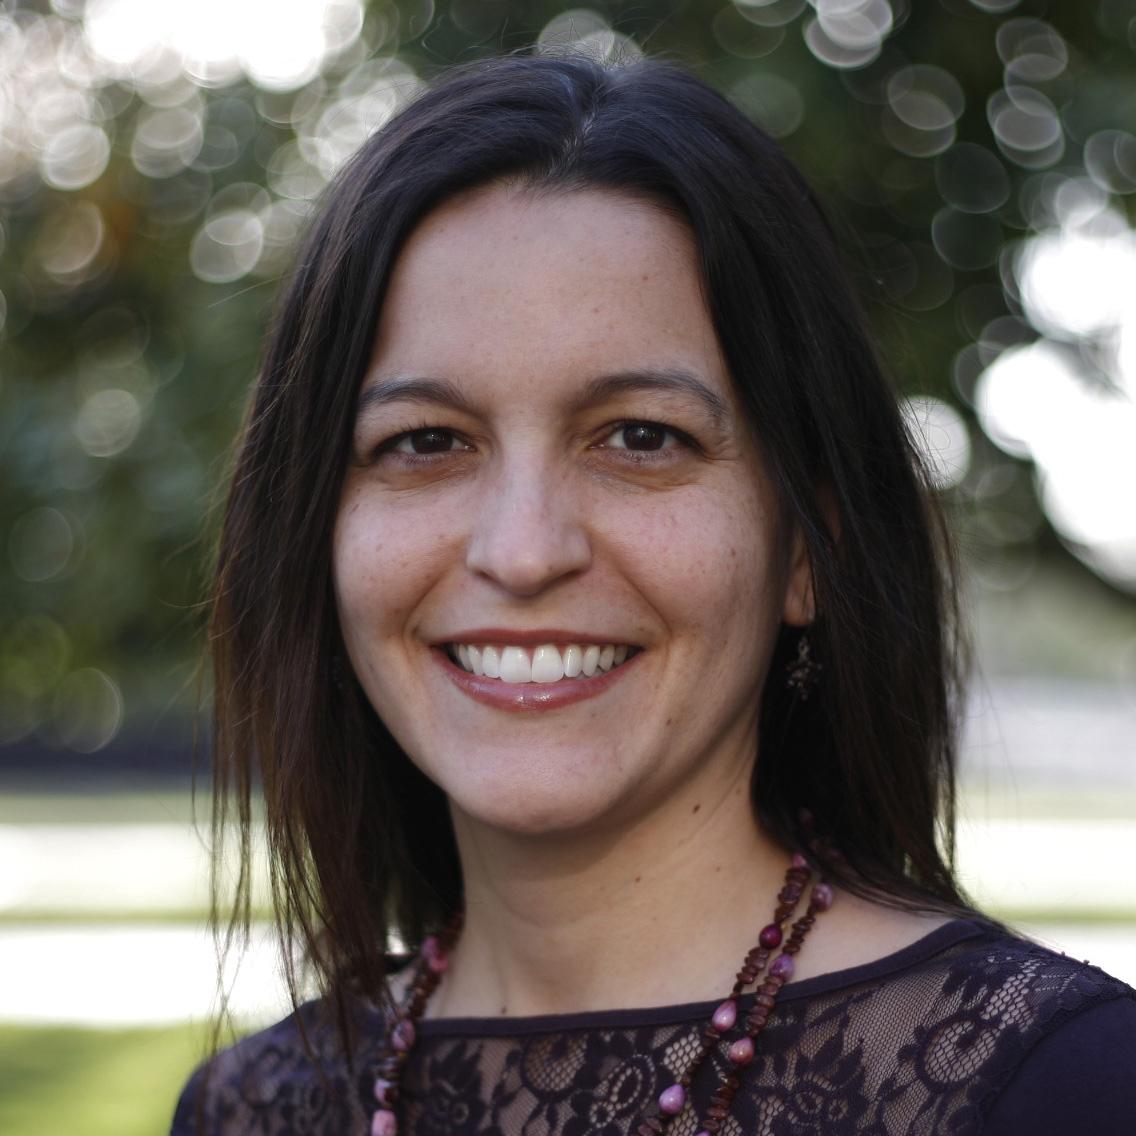 Marianna Wetherill